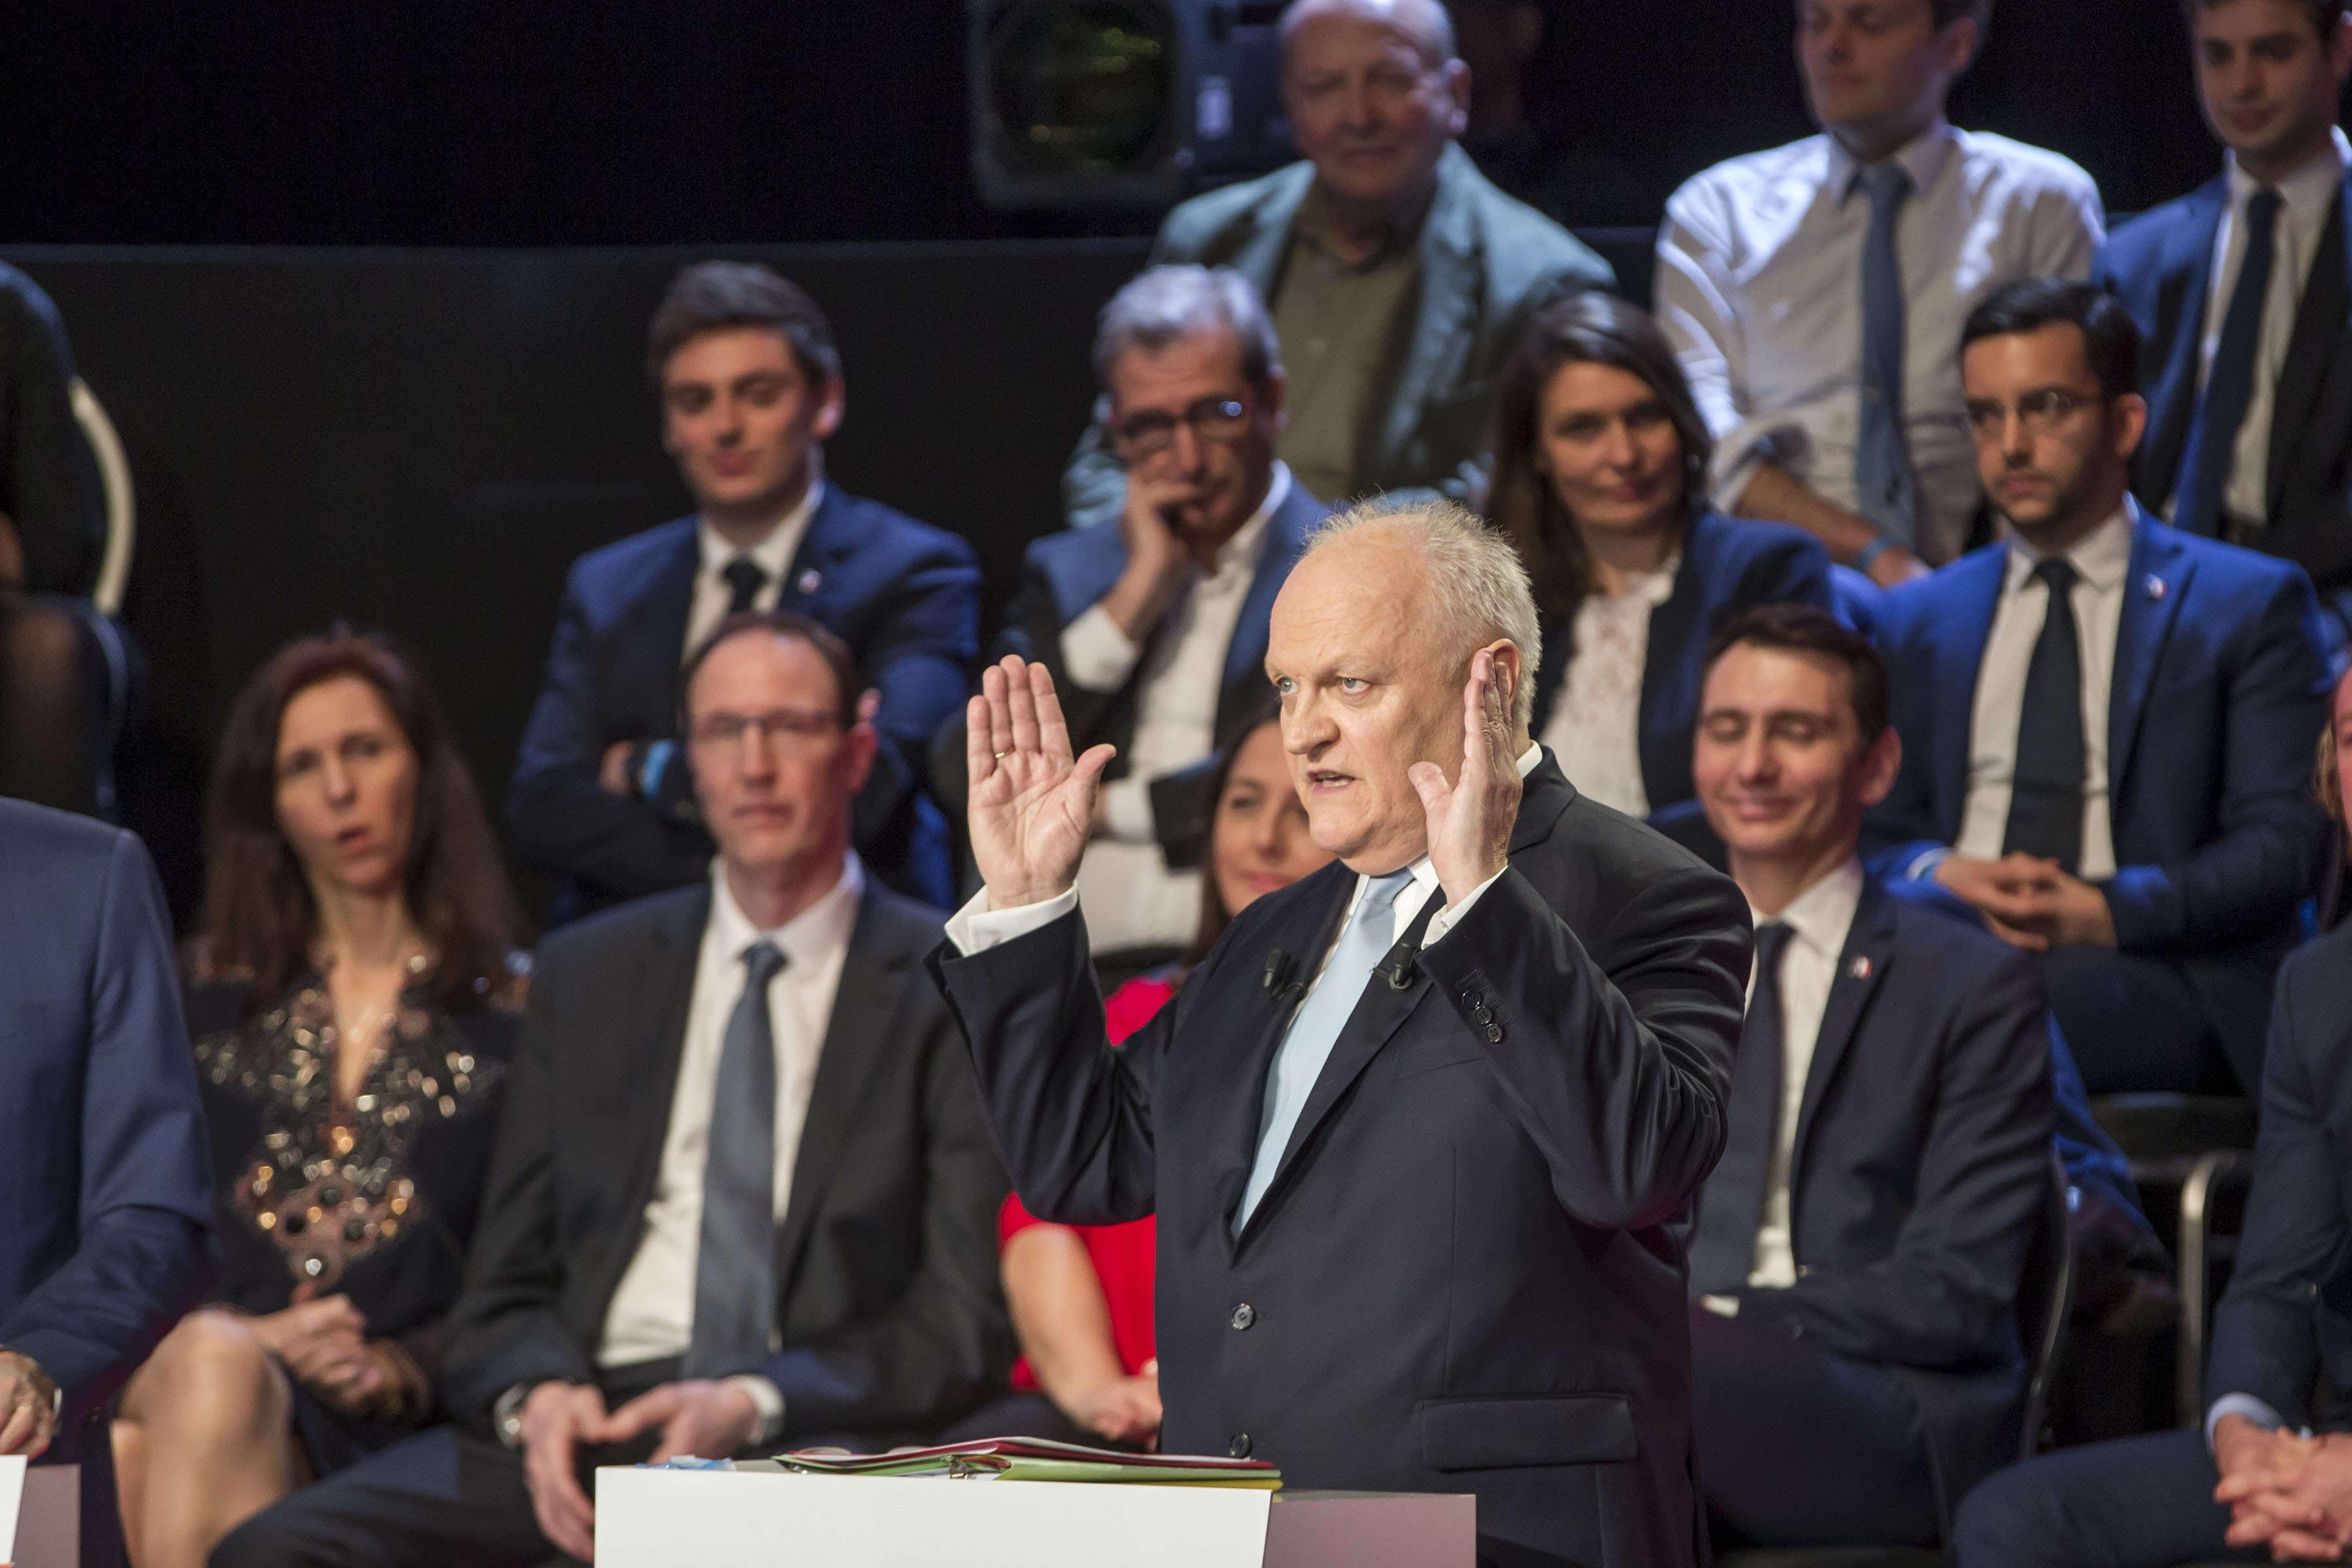 Pour le souverainiste François Asselineau (Union Populaire républicaine) : «Toutes les grandes décisions sont désormais prises par la Commission européenne, la Banque centrale, l'OTAN. Tout ceci nous mène à la destruction de nos acquis sociaux (…) tout ceci nous mène au désastre», a-t-il affirmé.